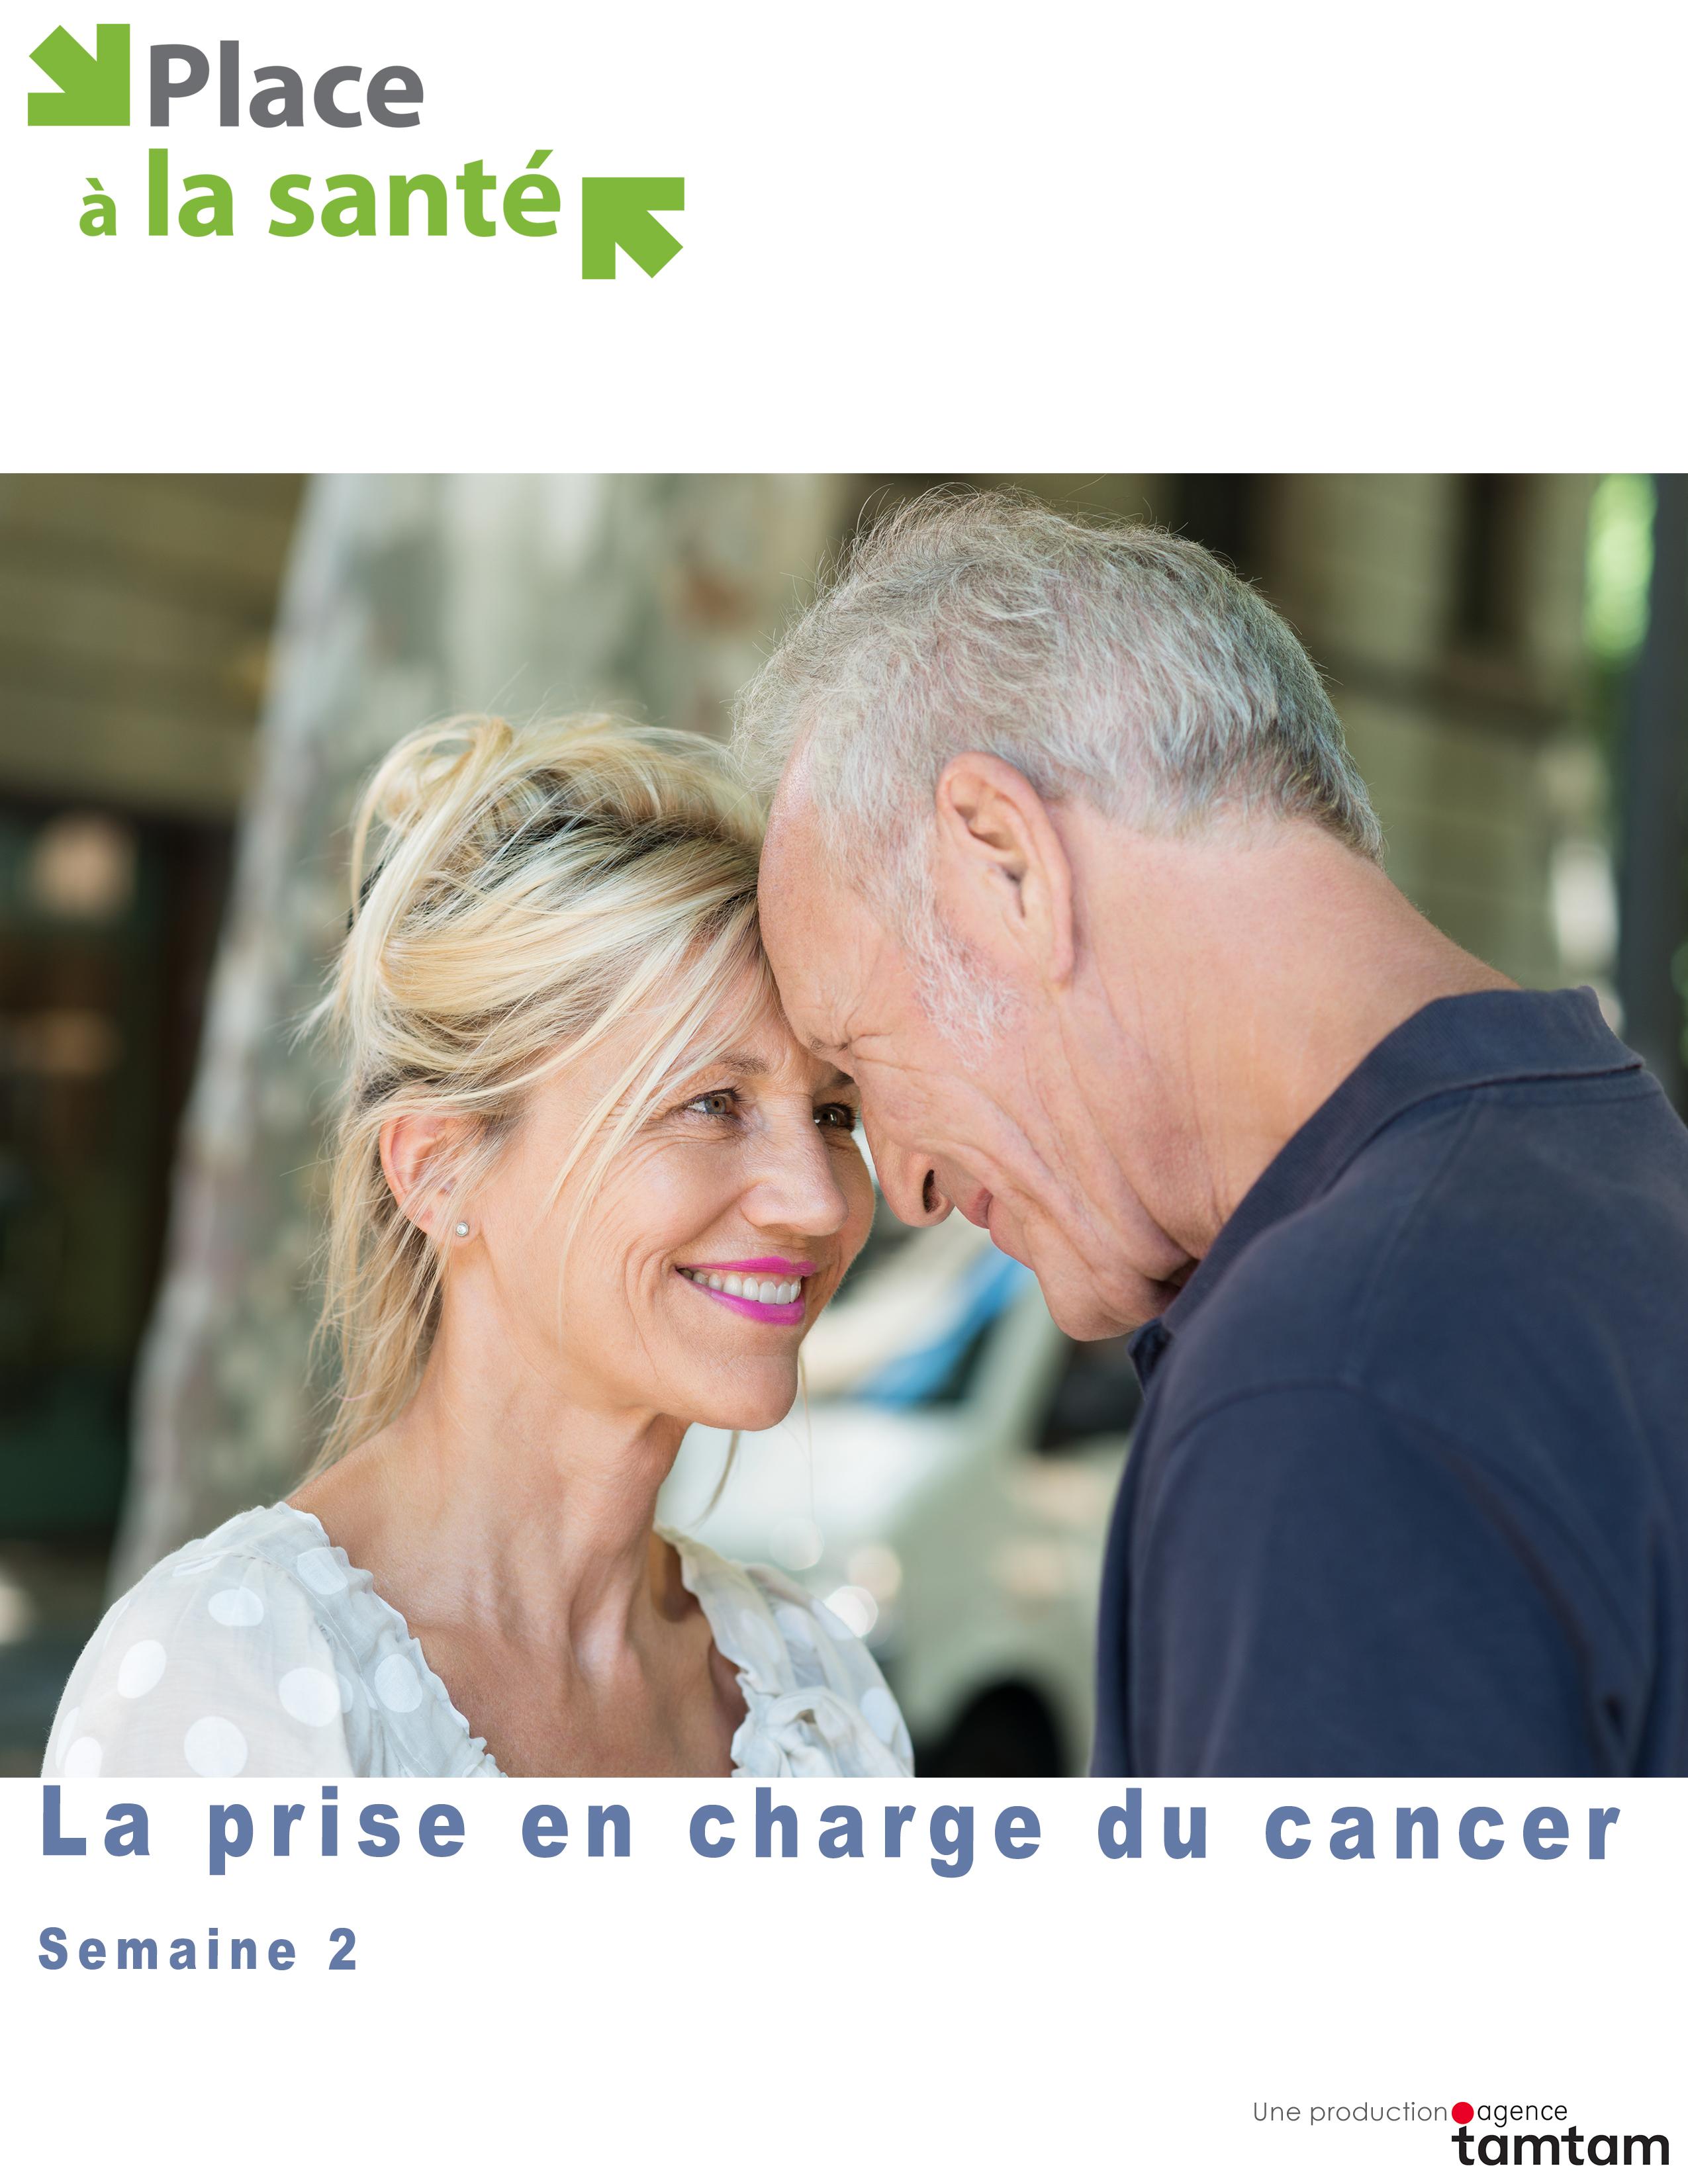 La prise en charge du cancer - Semaine 2